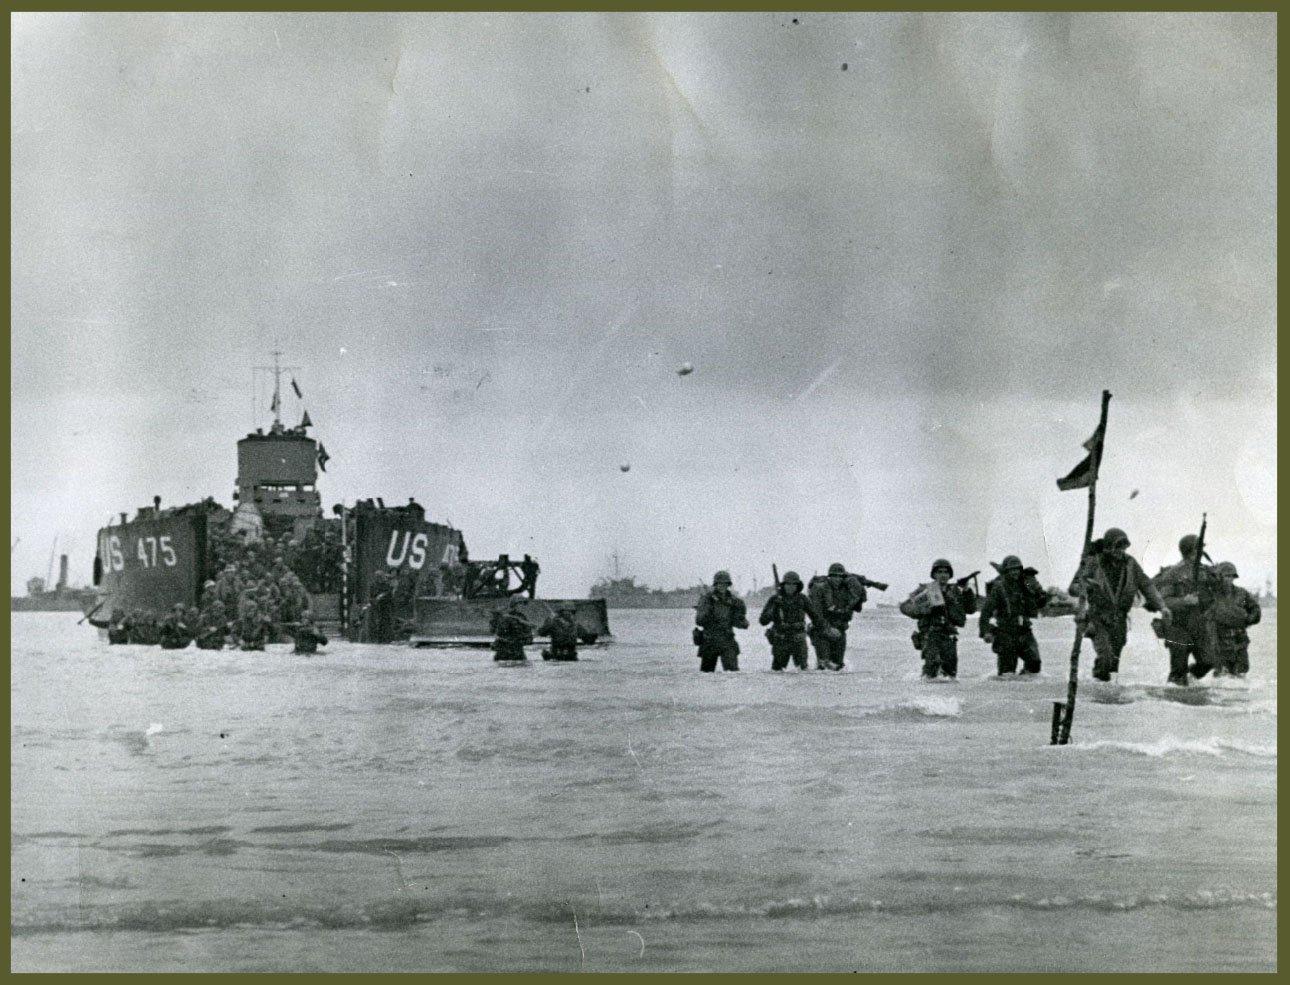 Troops land at Utah beach